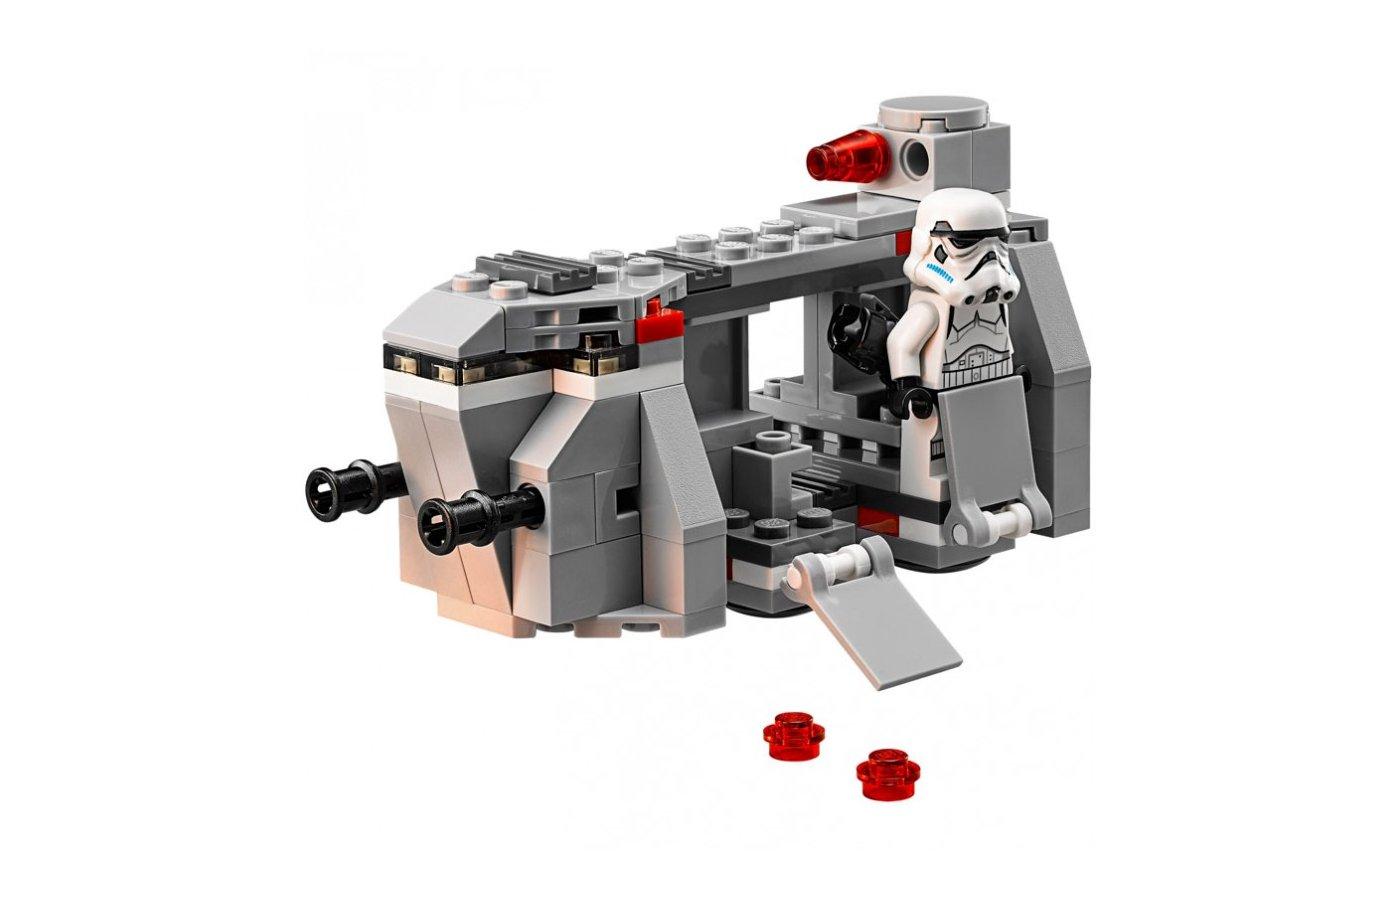 Конструктор Lego 75078 Звездные войны Транспорт Имперских Войск